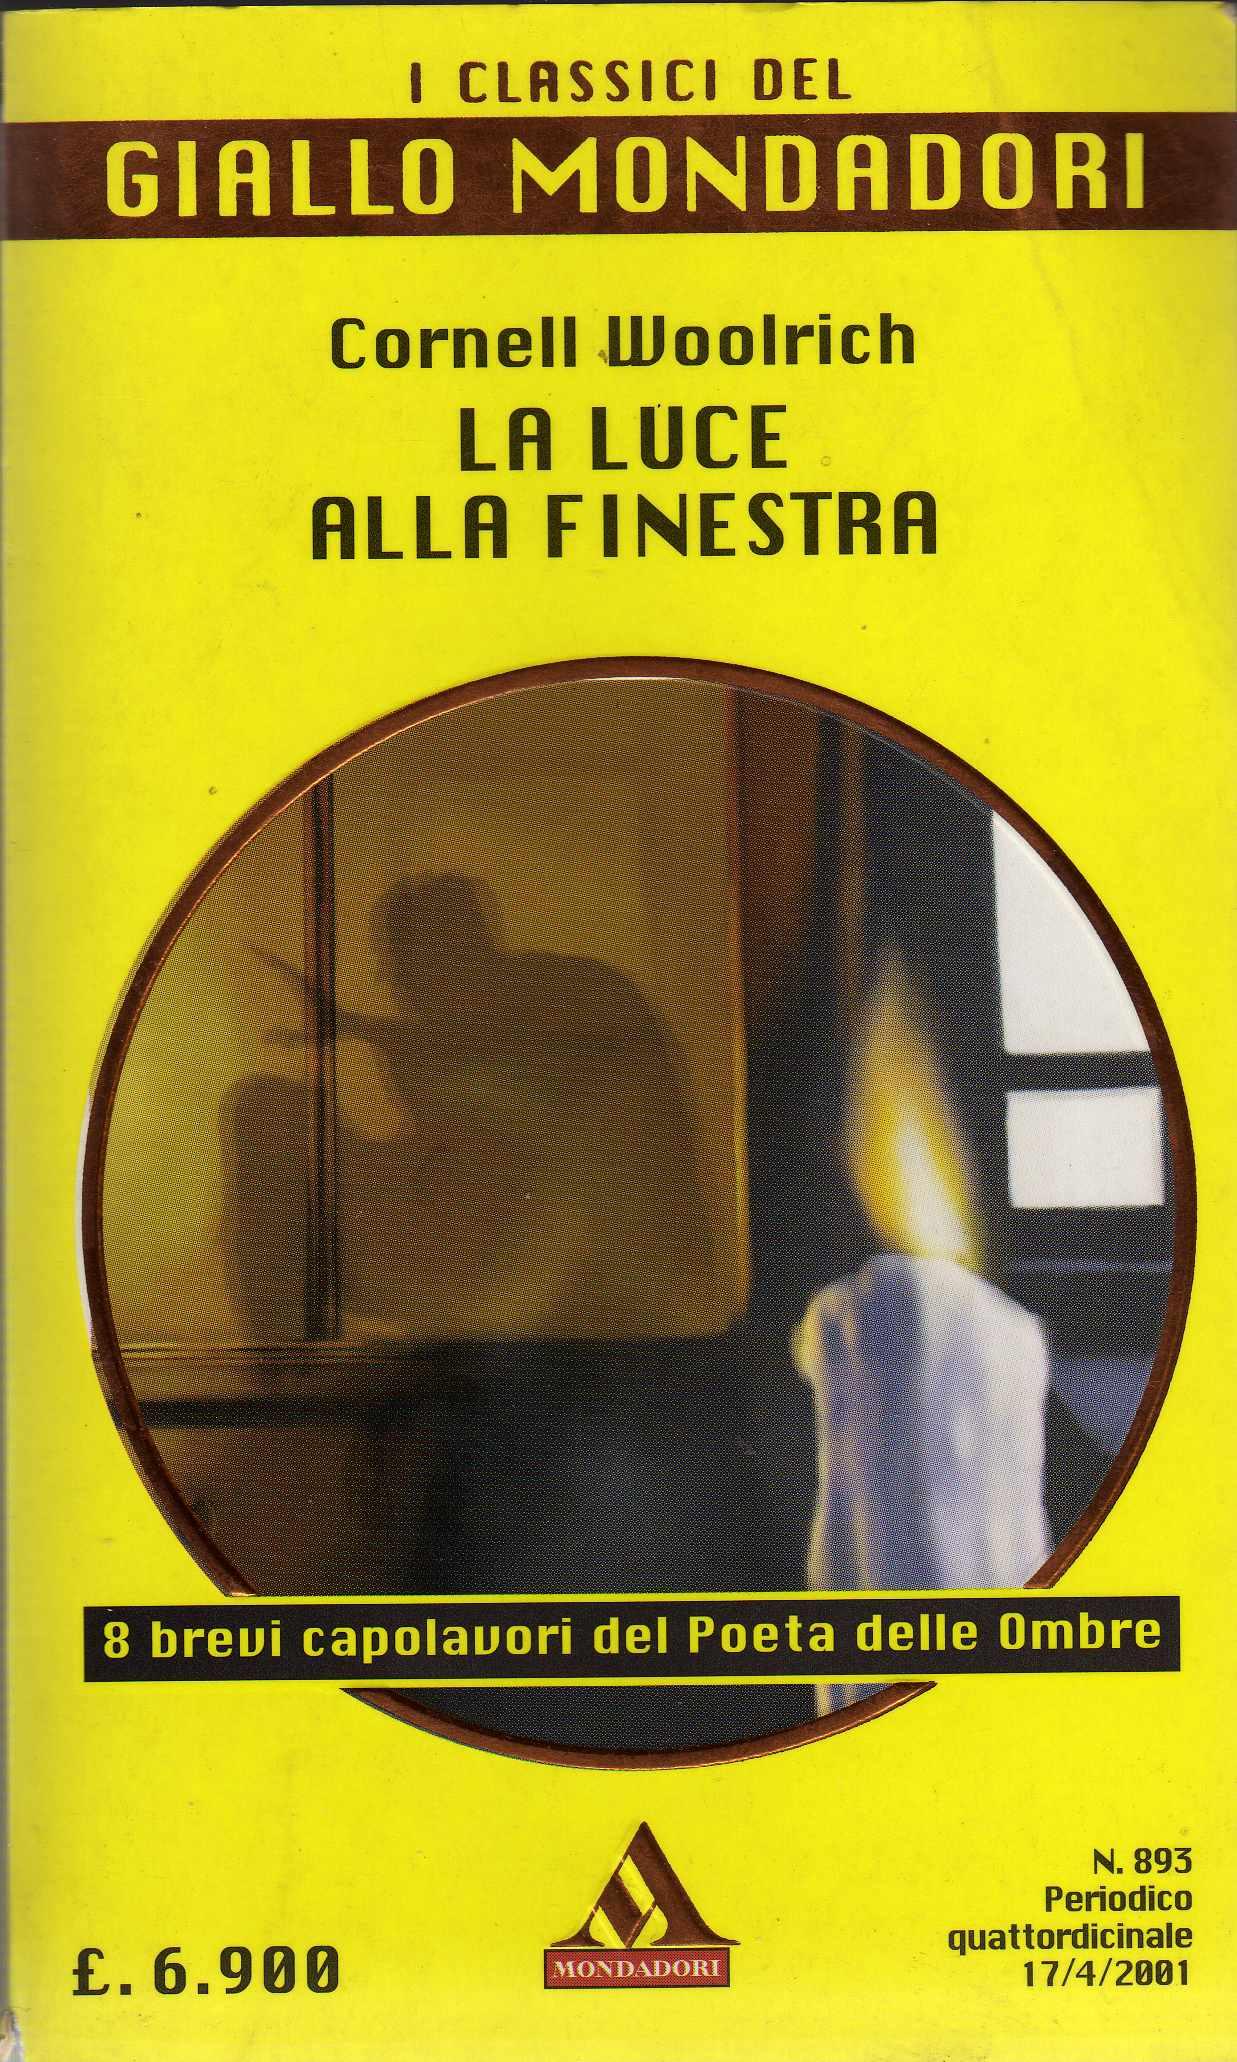 La luce alla finestra cornell woolrich 2 recensioni arnoldo mondadori editore paperback - Libro la luce alla finestra ...